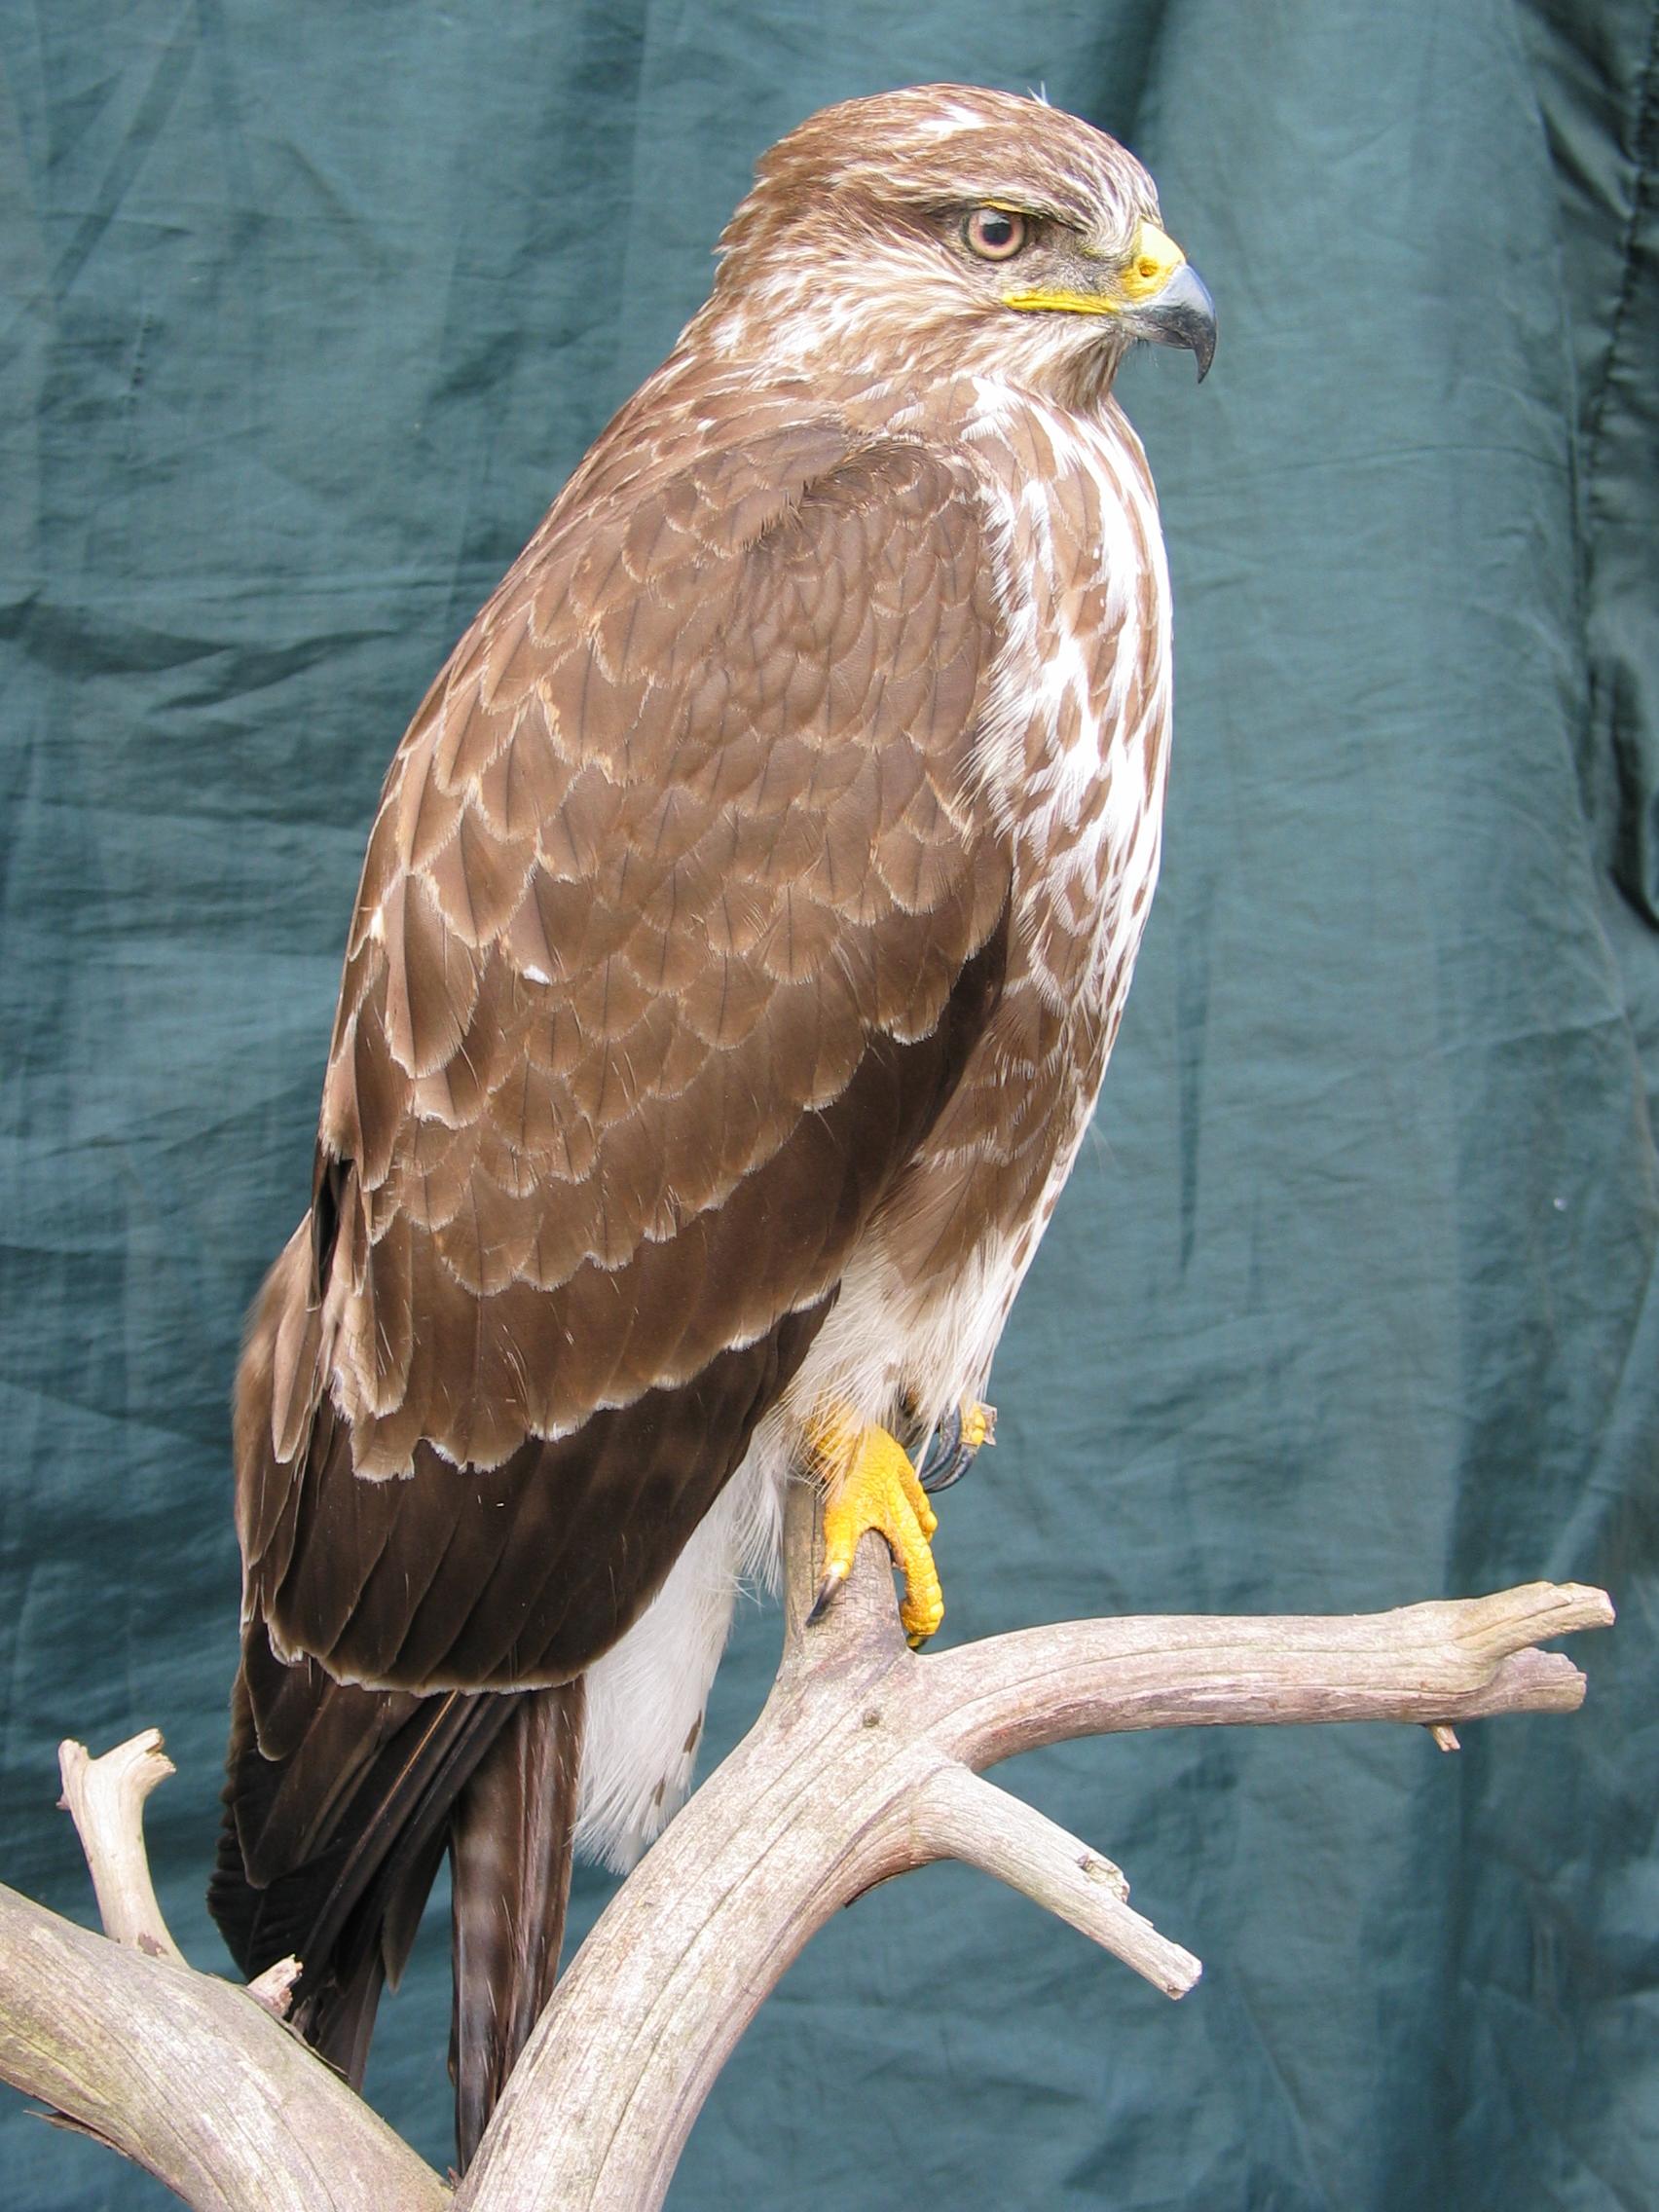 Bird Taxidermy Common Buzzard - Buteo buteo 8876 side